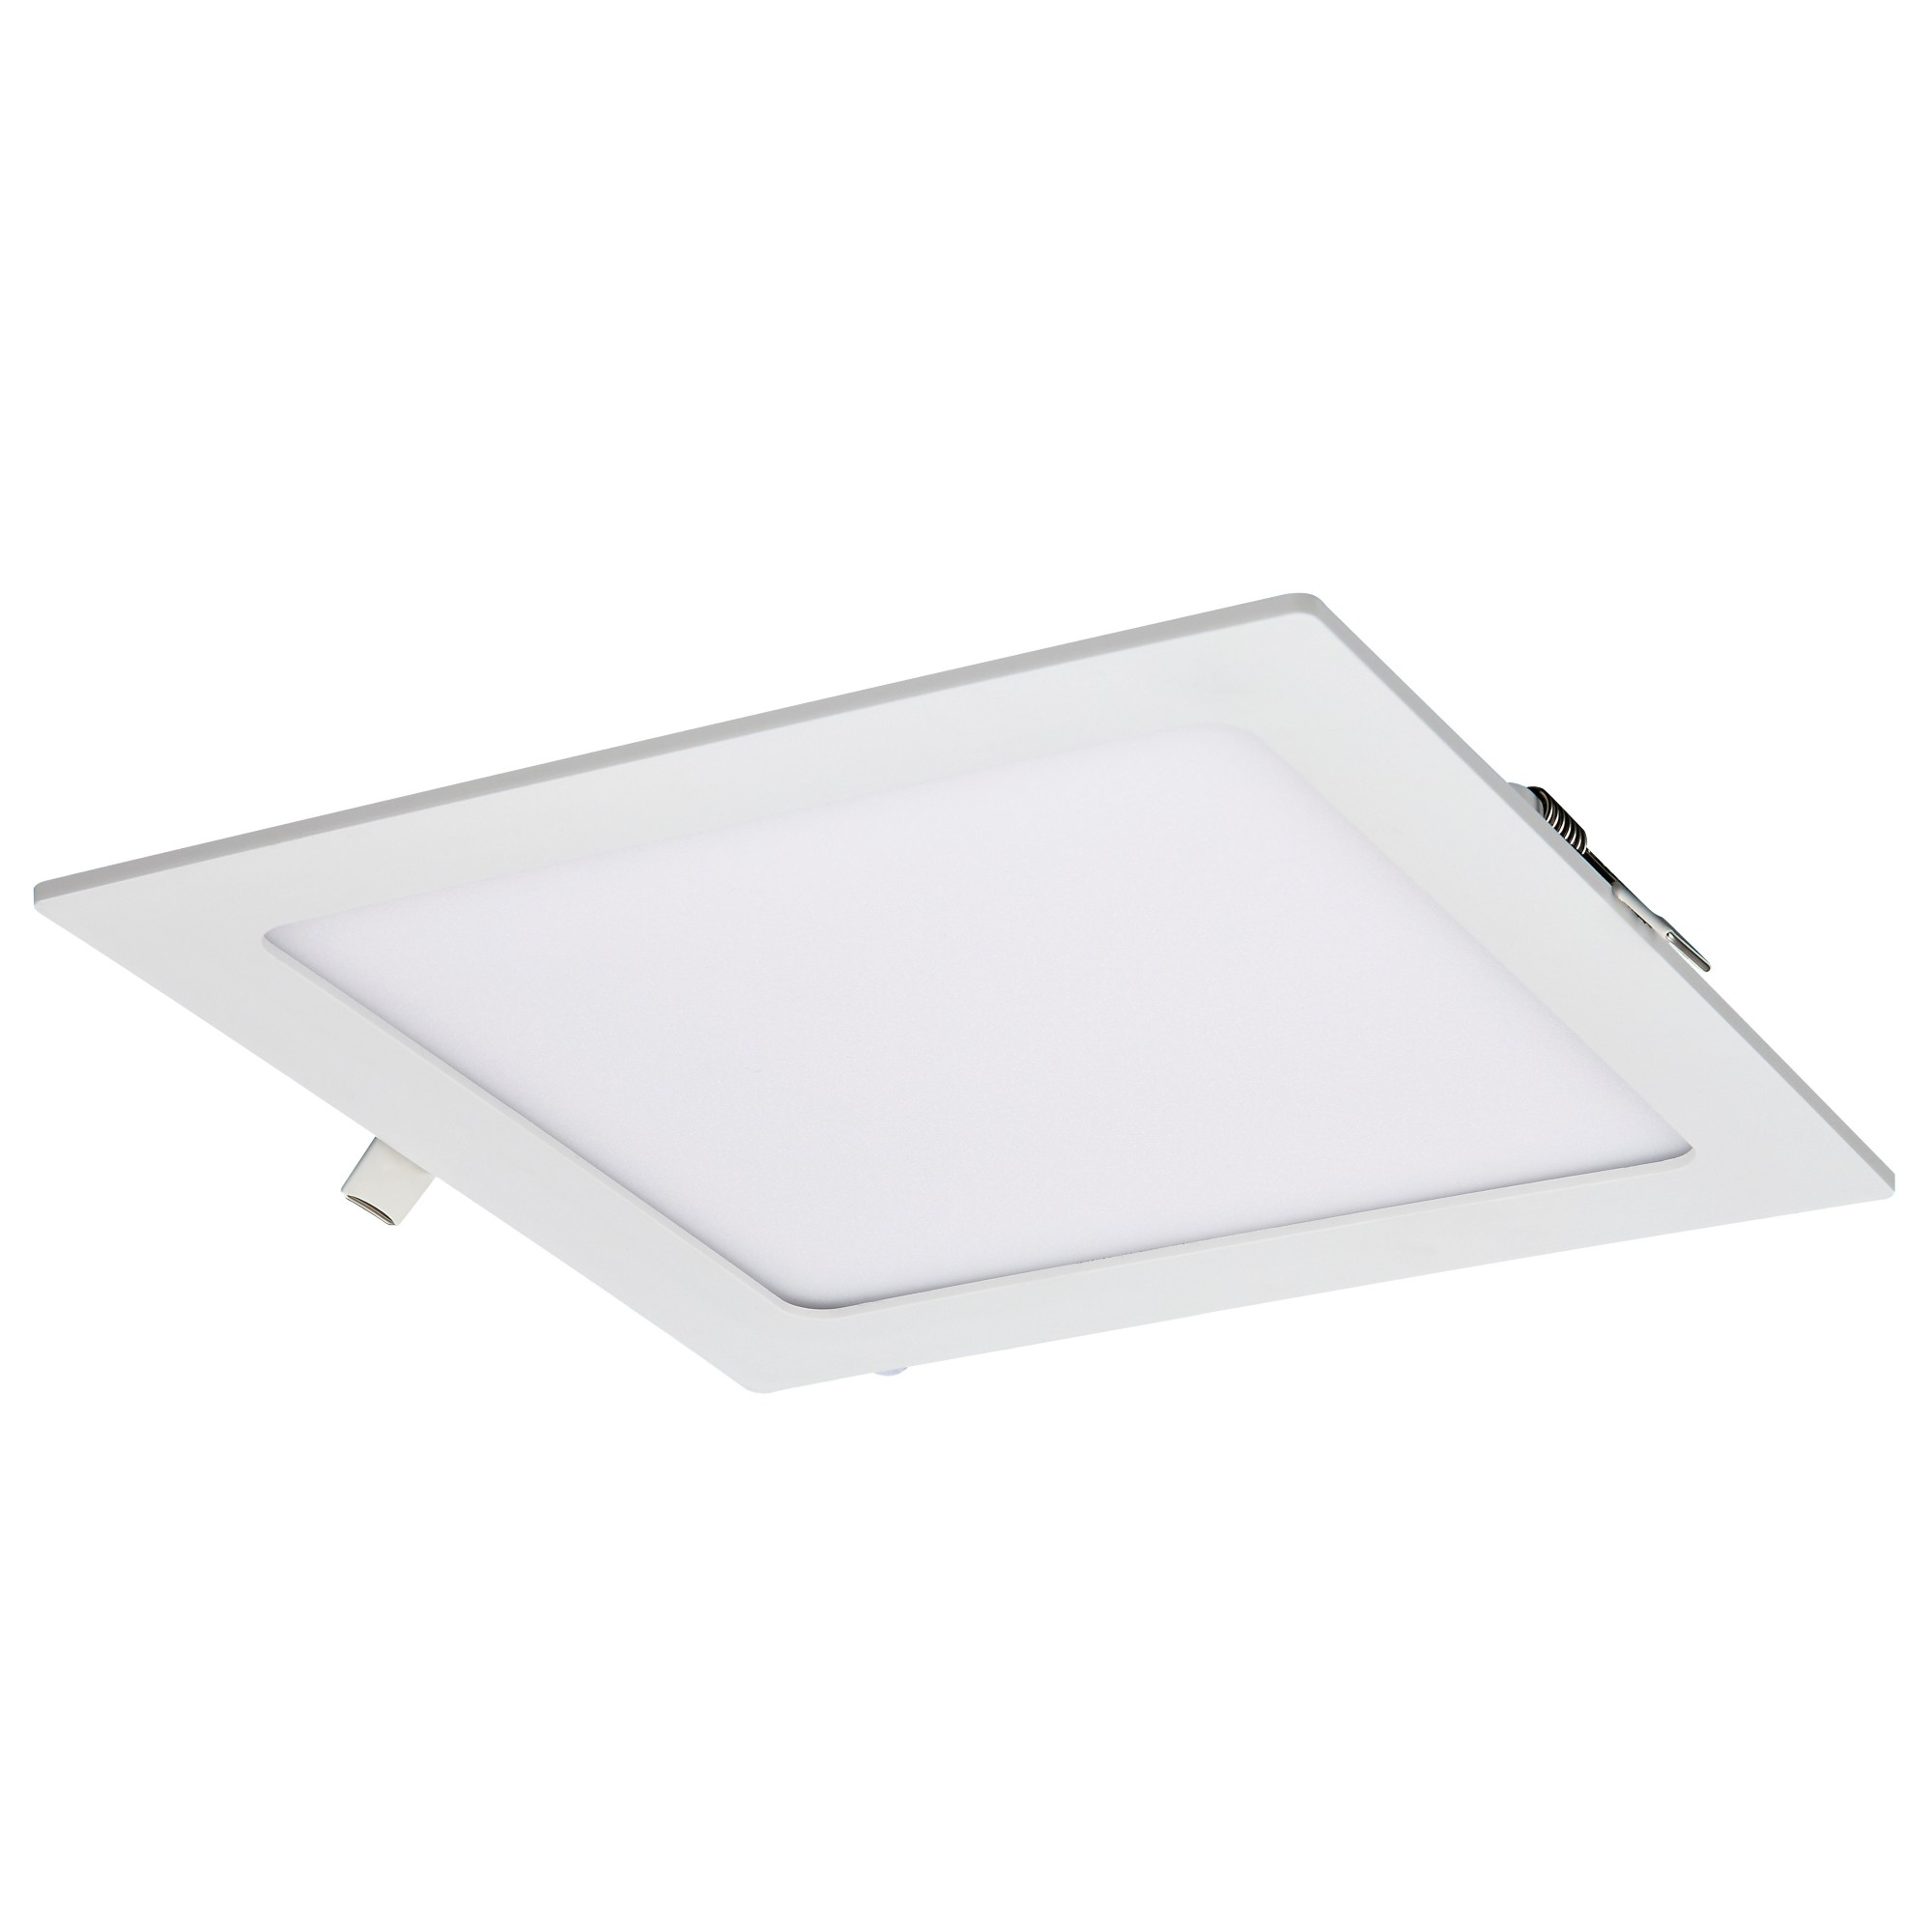 Painel LED Quadrado de Embutir em Aluminio Luz Branca 18W Bivolt - Ecoline